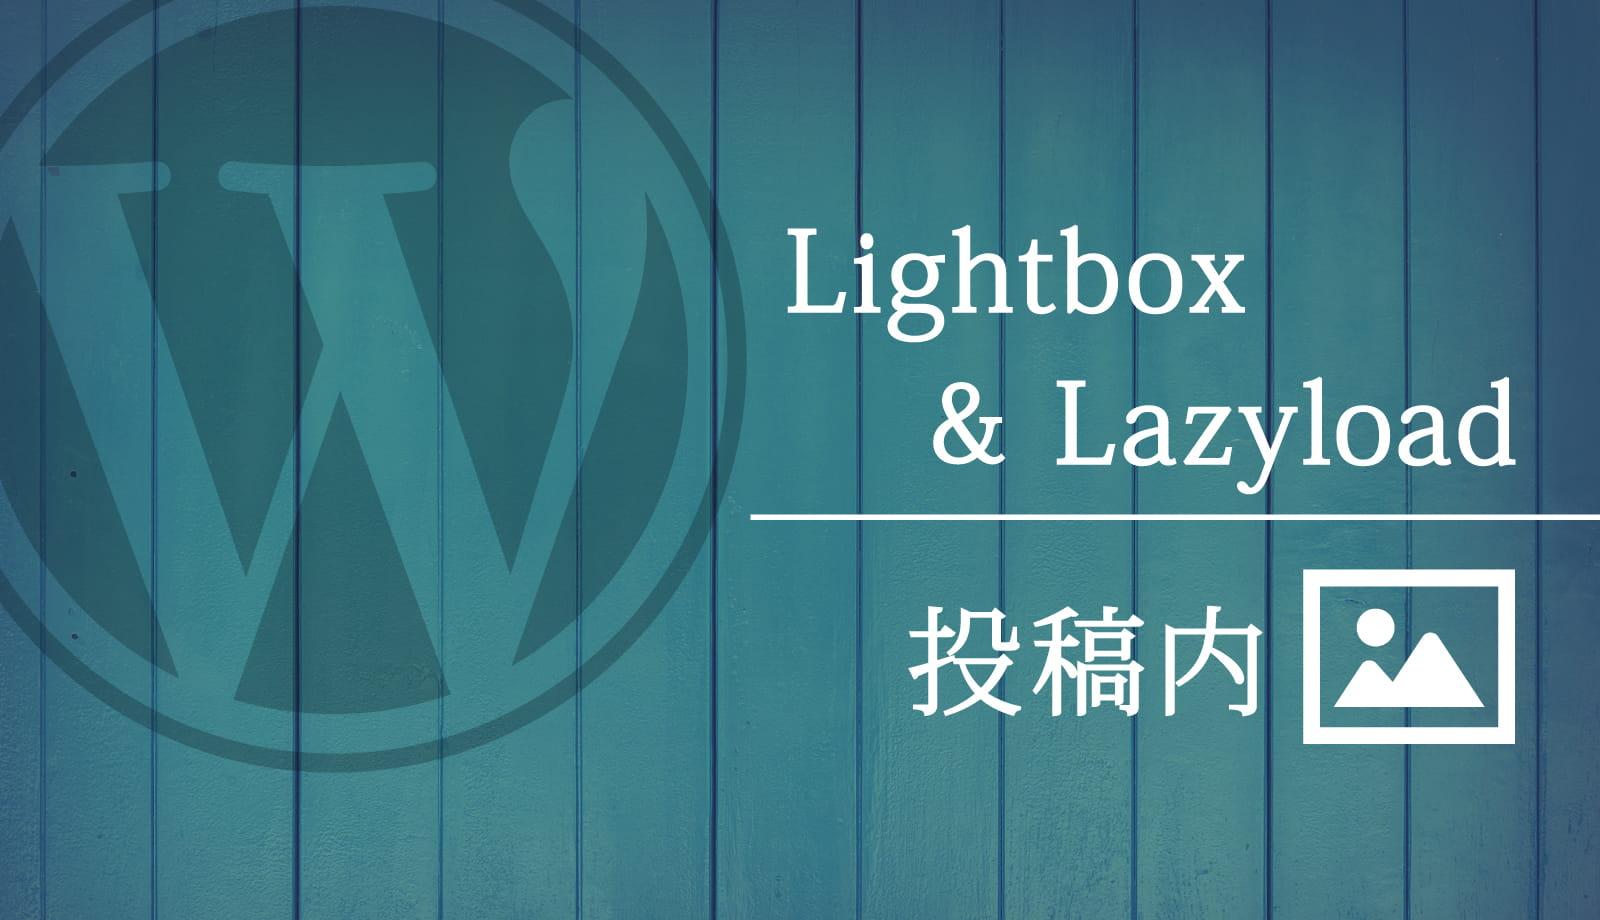 WordPressの投稿記事内の画像にlazyloadやlightboxを適用させる方法。-画像タグに任意のクラス名を付与してaタグで囲む-